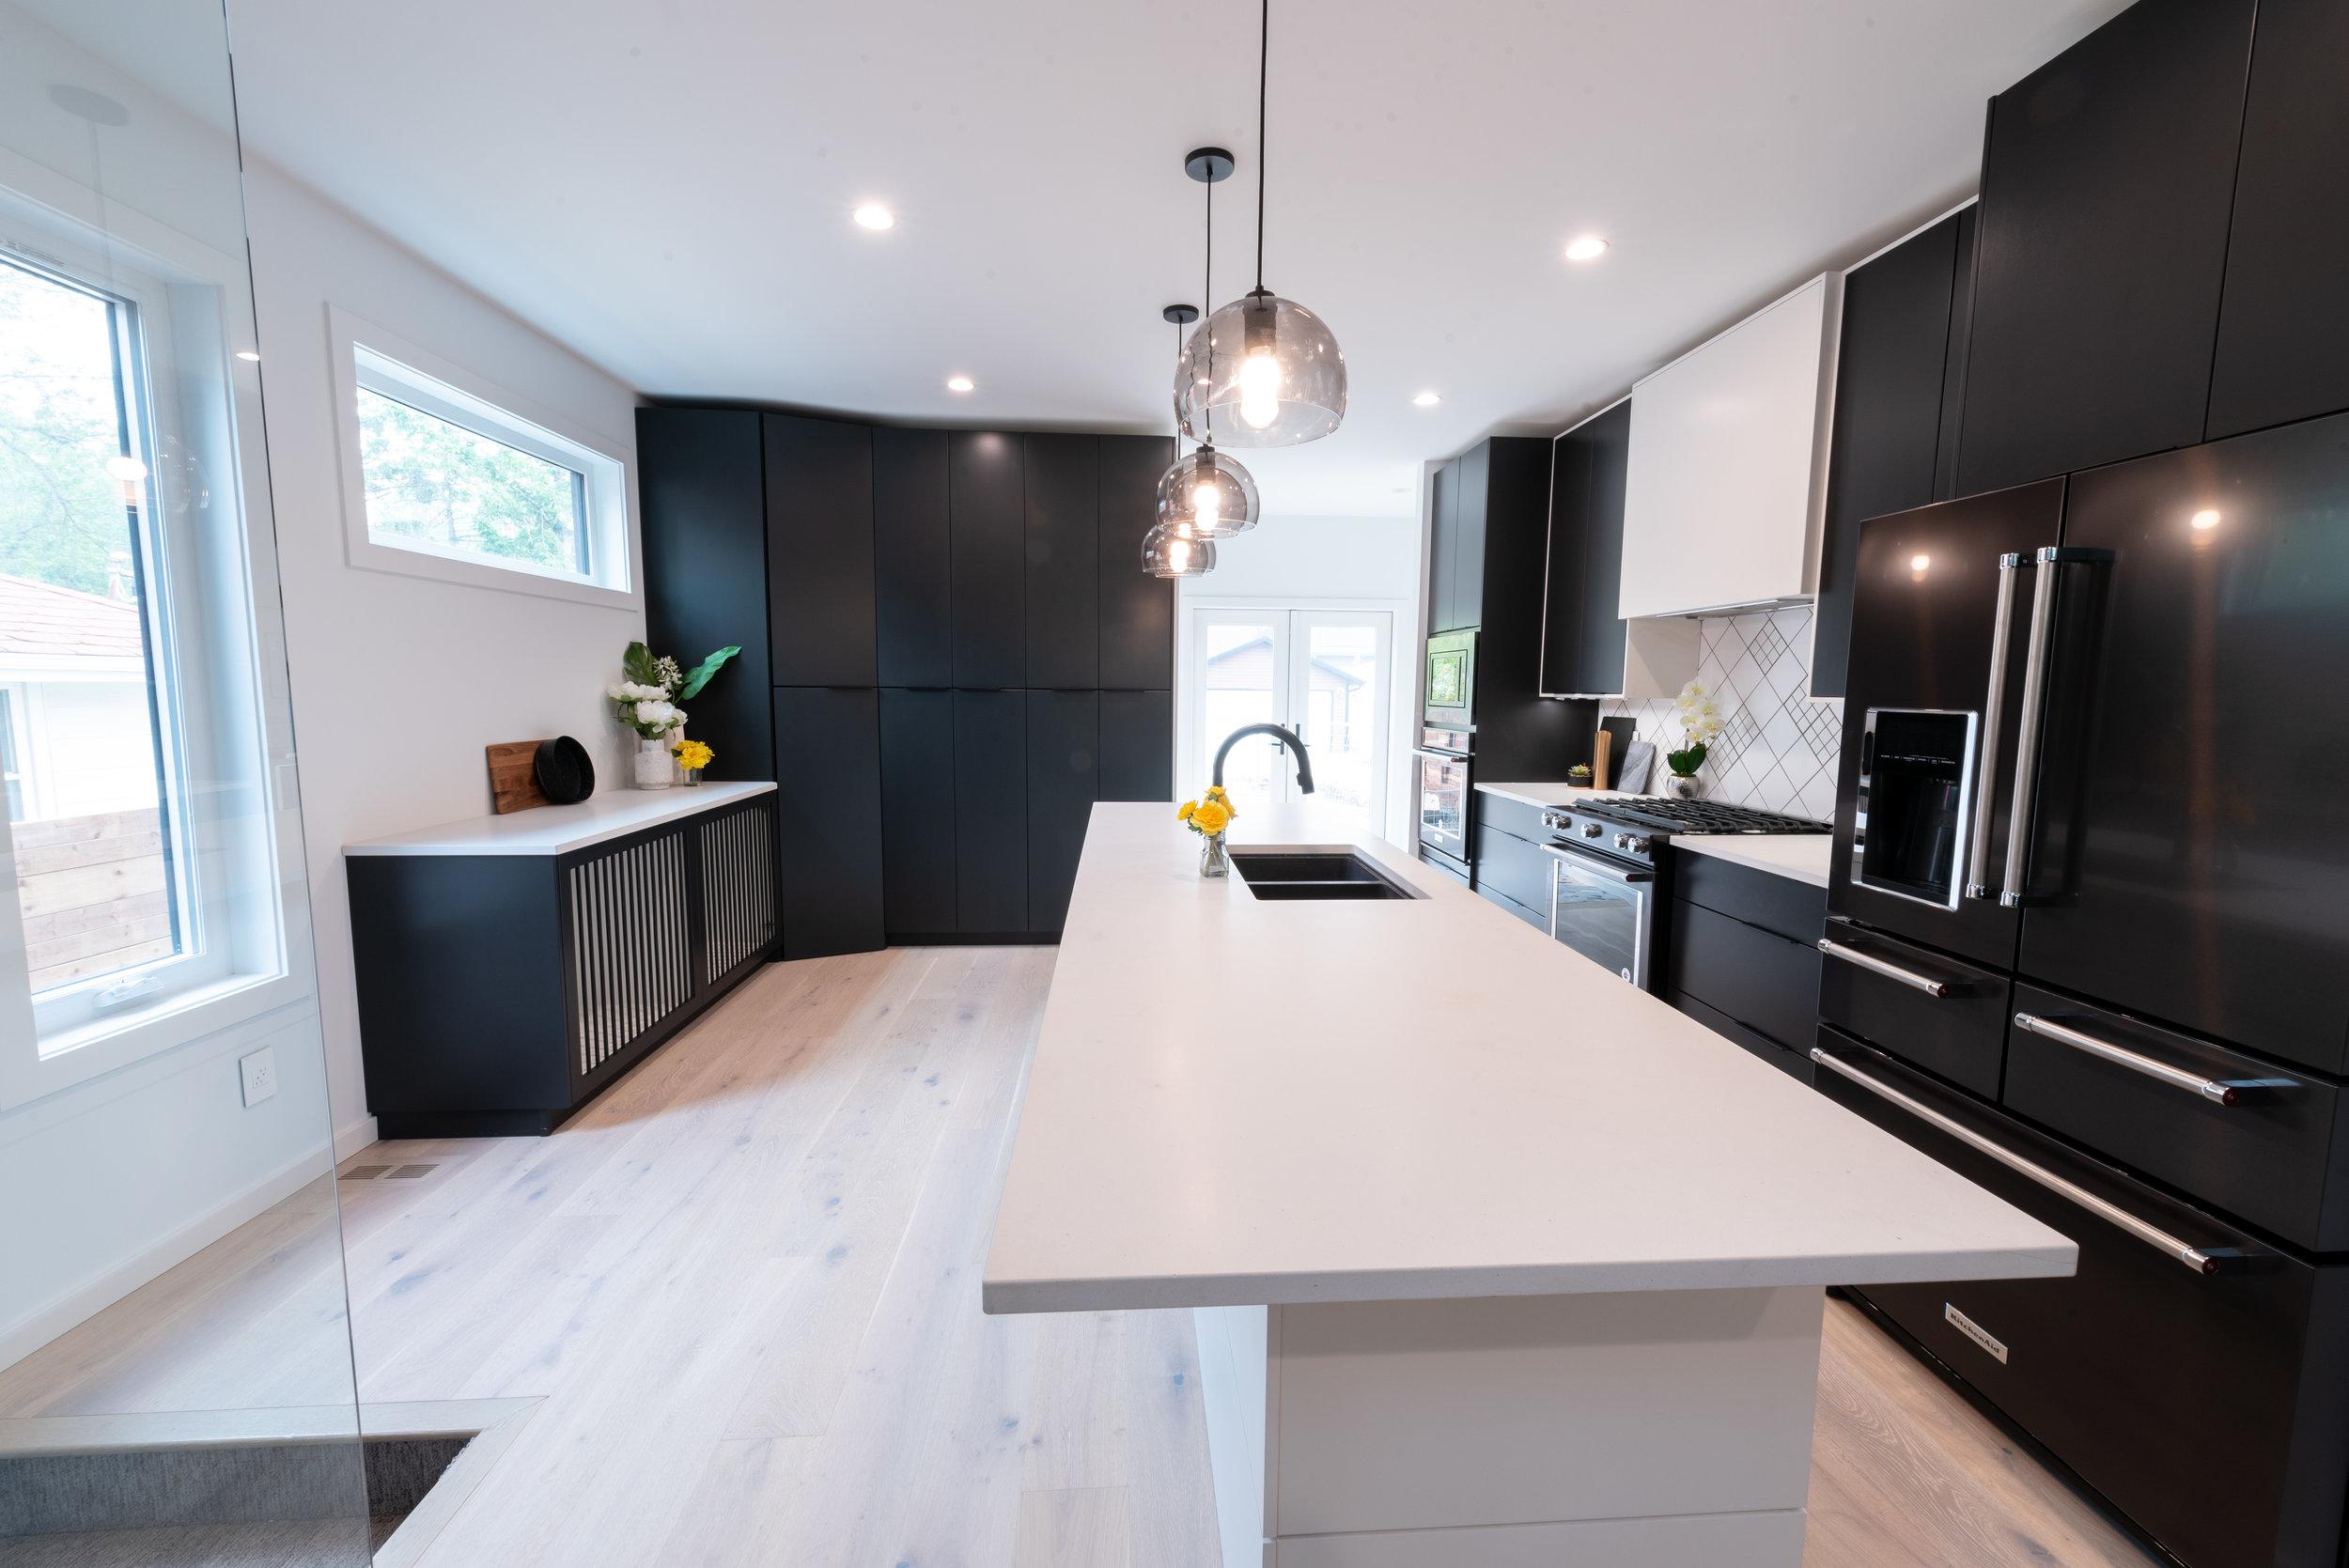 Modern Kitchen in Daylight